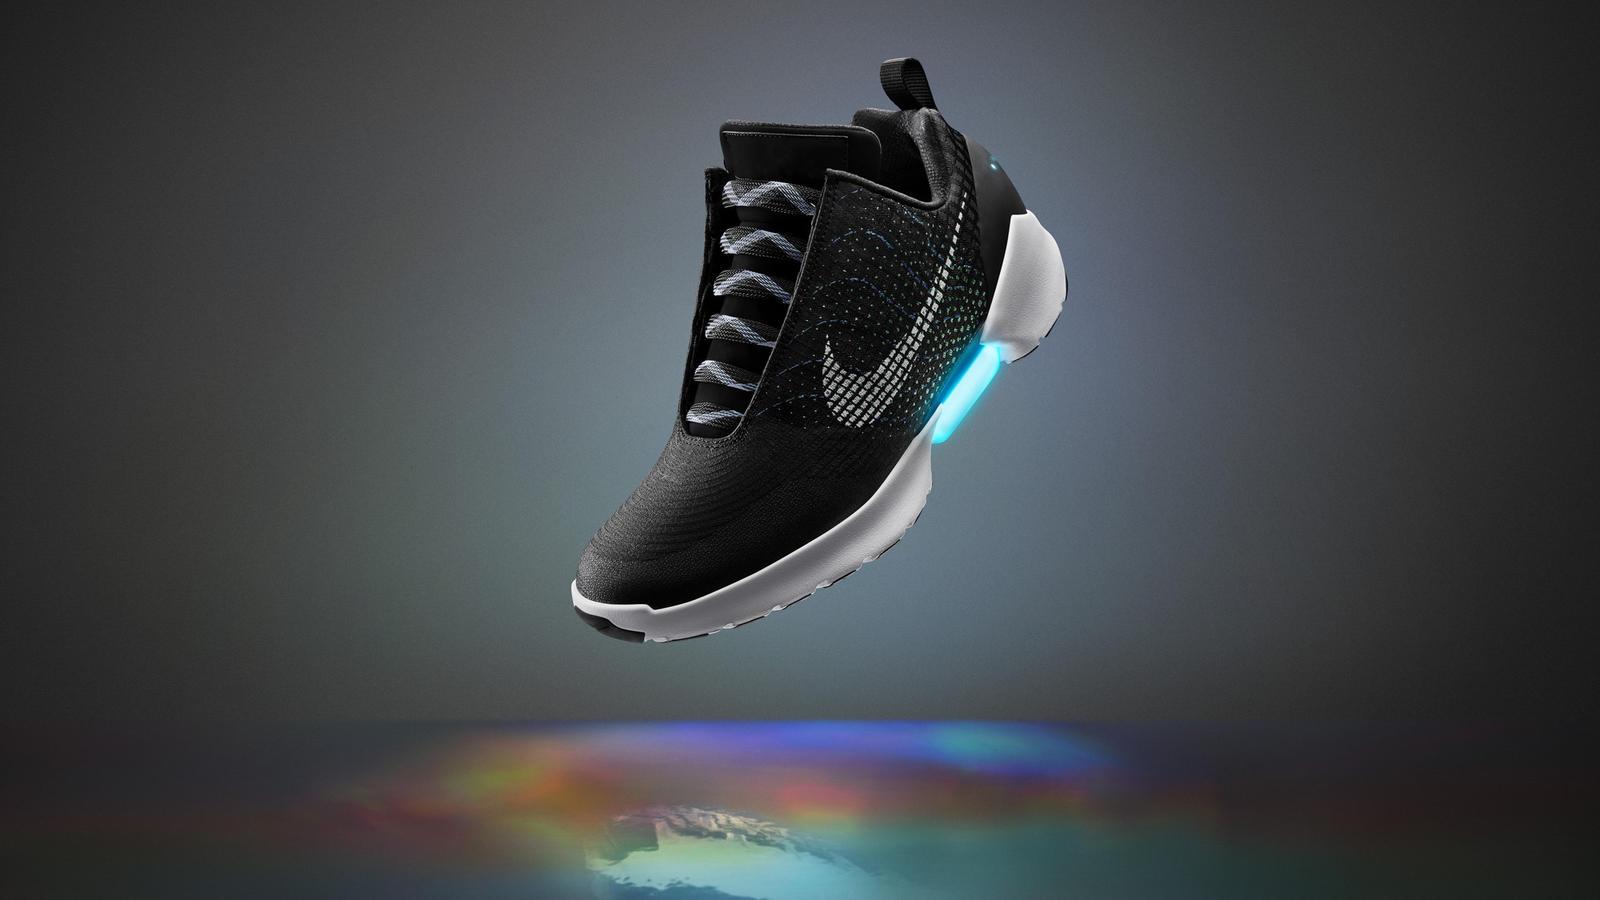 Nike Hyperadapt 1.0 manifests the unimaginable